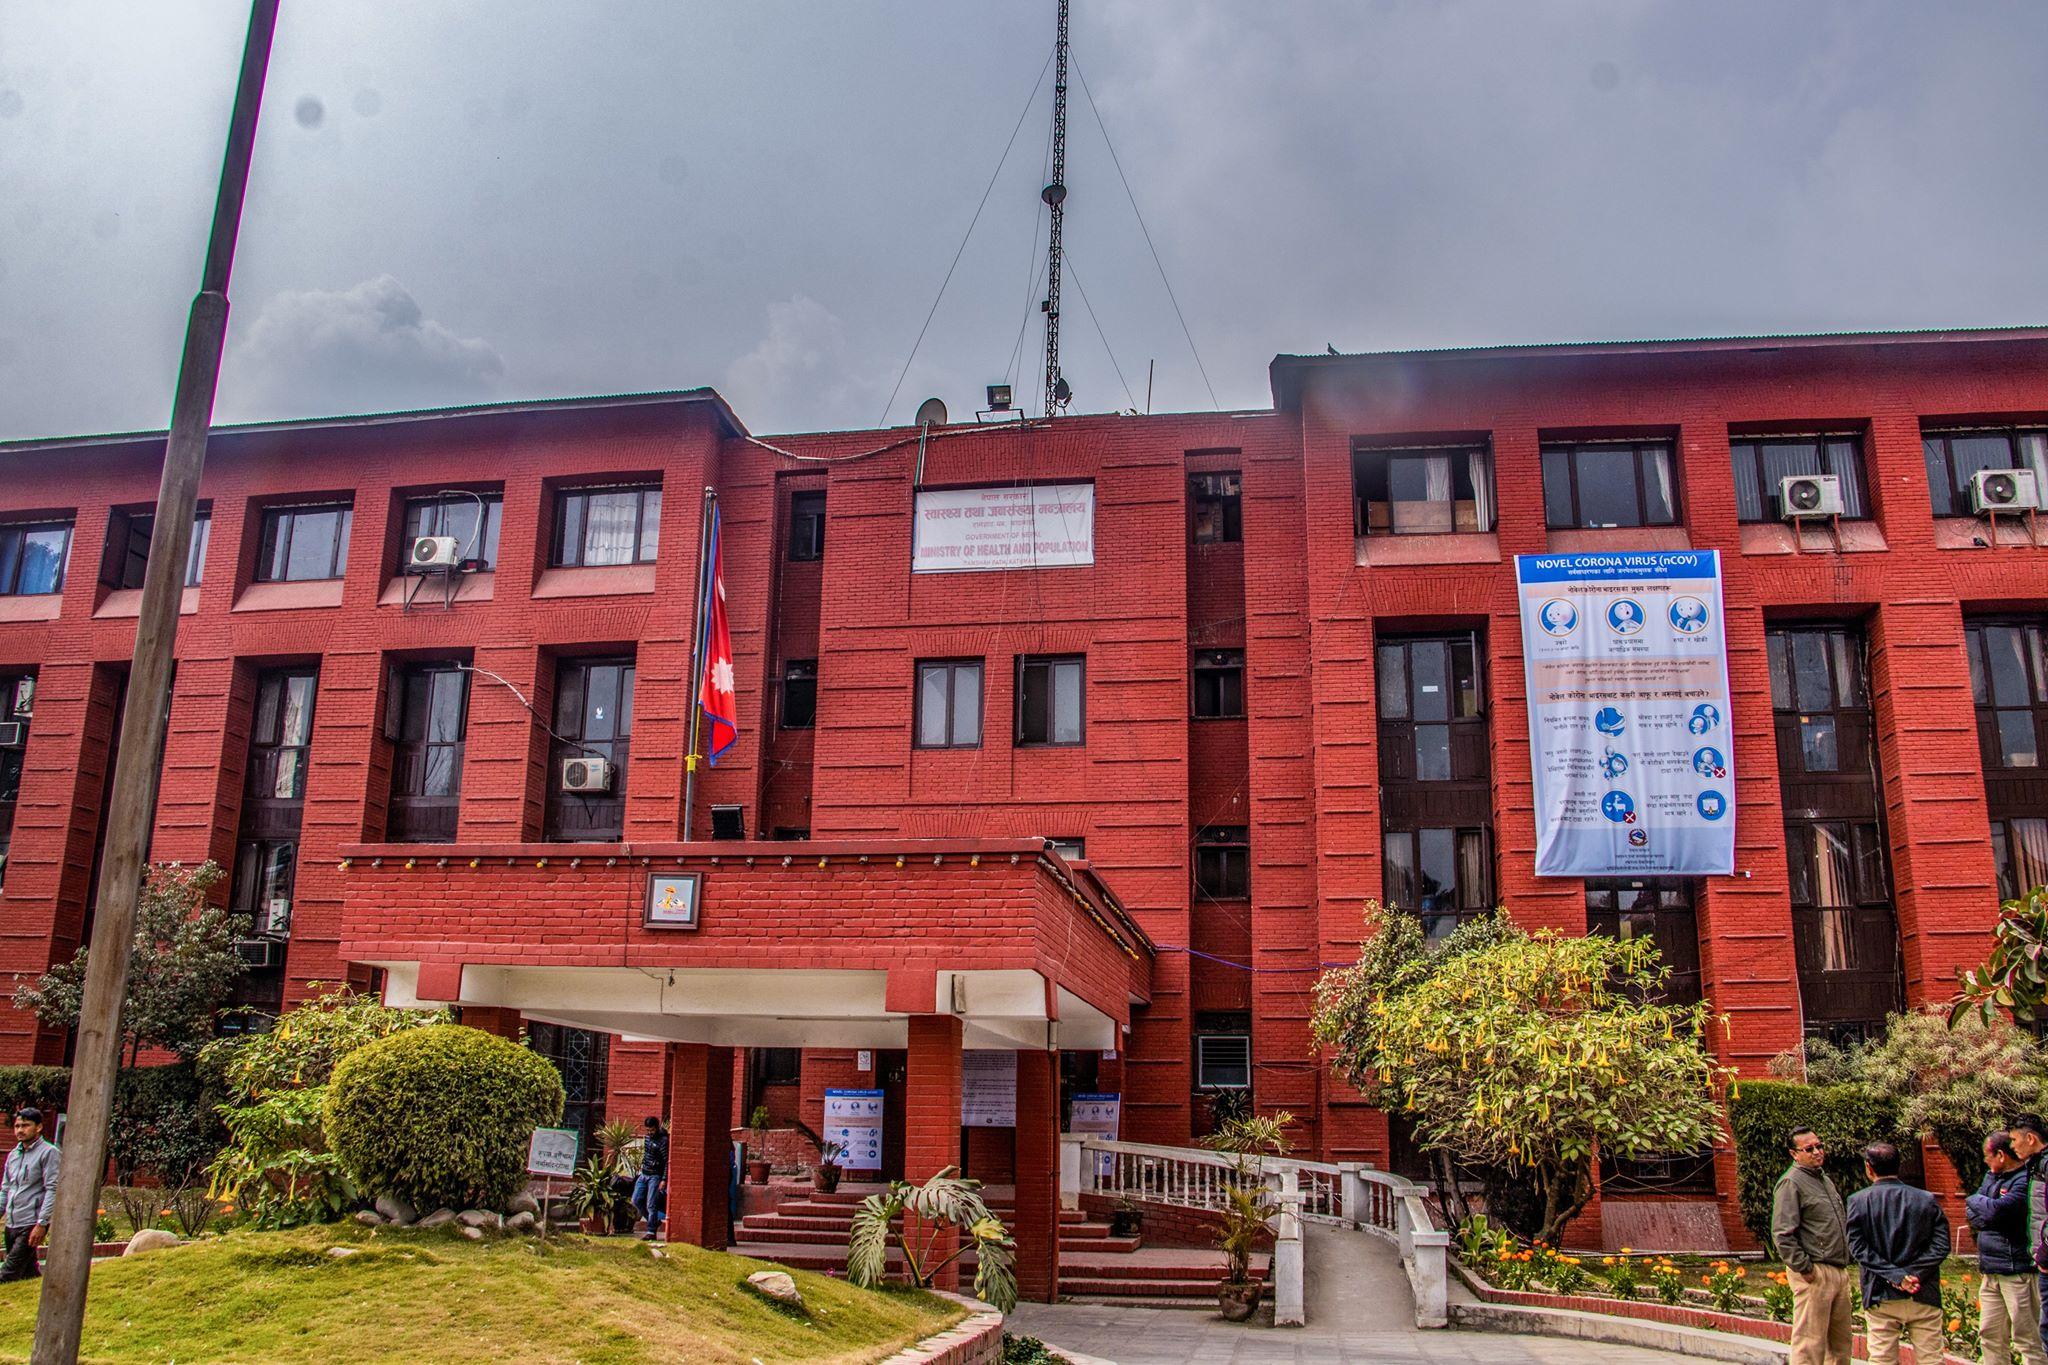 असोज मसान्तभित्र १ करोड ५ लाख मात्रा खोप नेपाल ल्याइँदै, किशोरकिशोरीका लागि फाइजरको ६० लाख